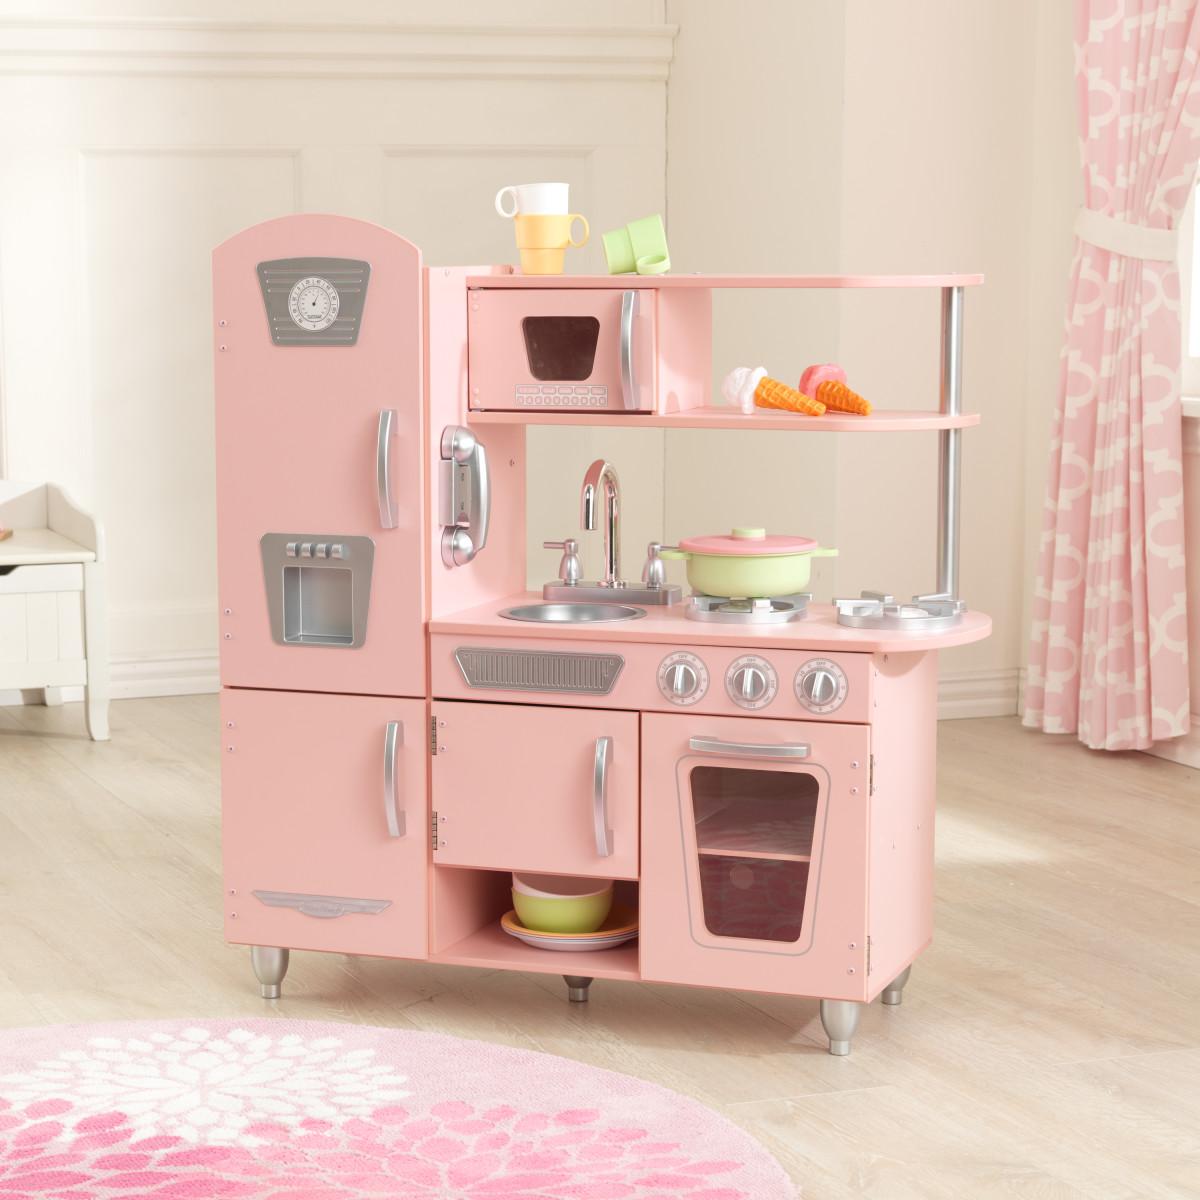 Kidkraft Różowa Kuchnia W Stylu Retro 53179